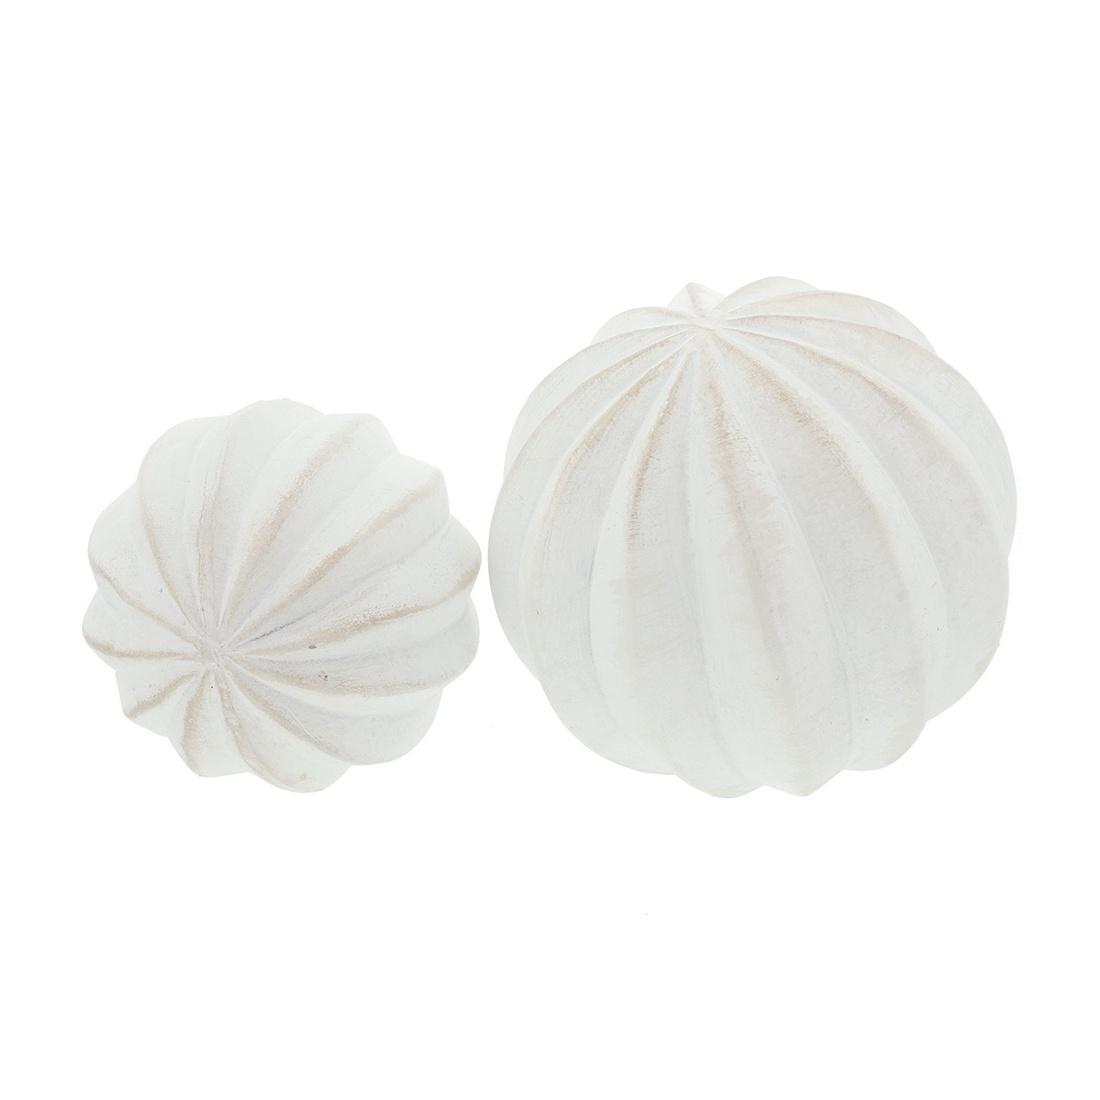 """Декоративные фигуры """"Белые шары"""", 2 штуки"""